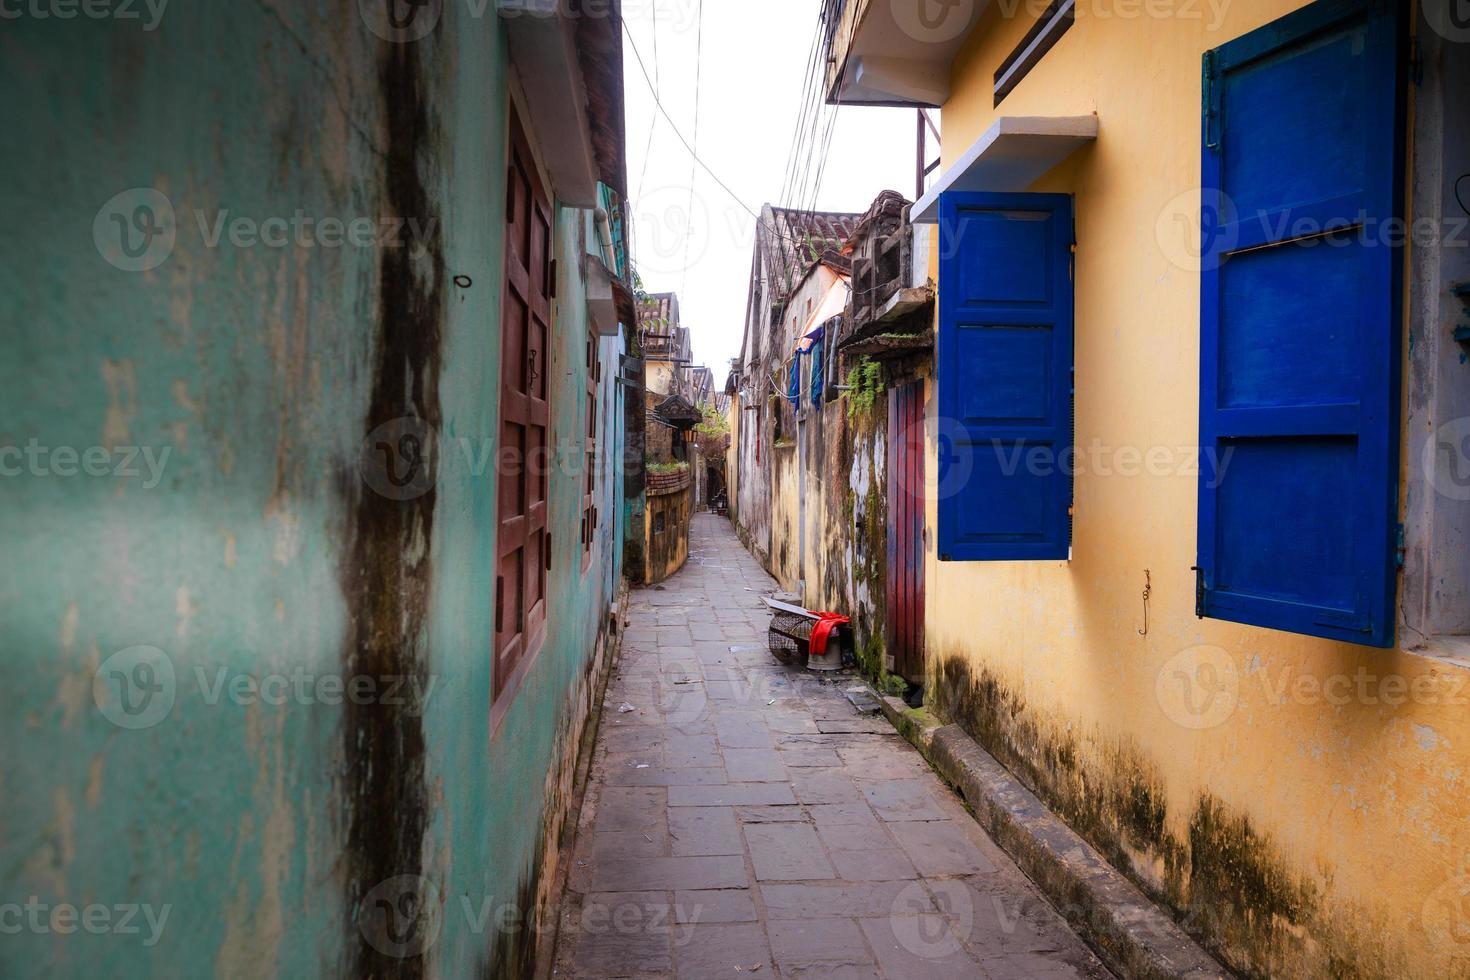 hoi een oude stad foto